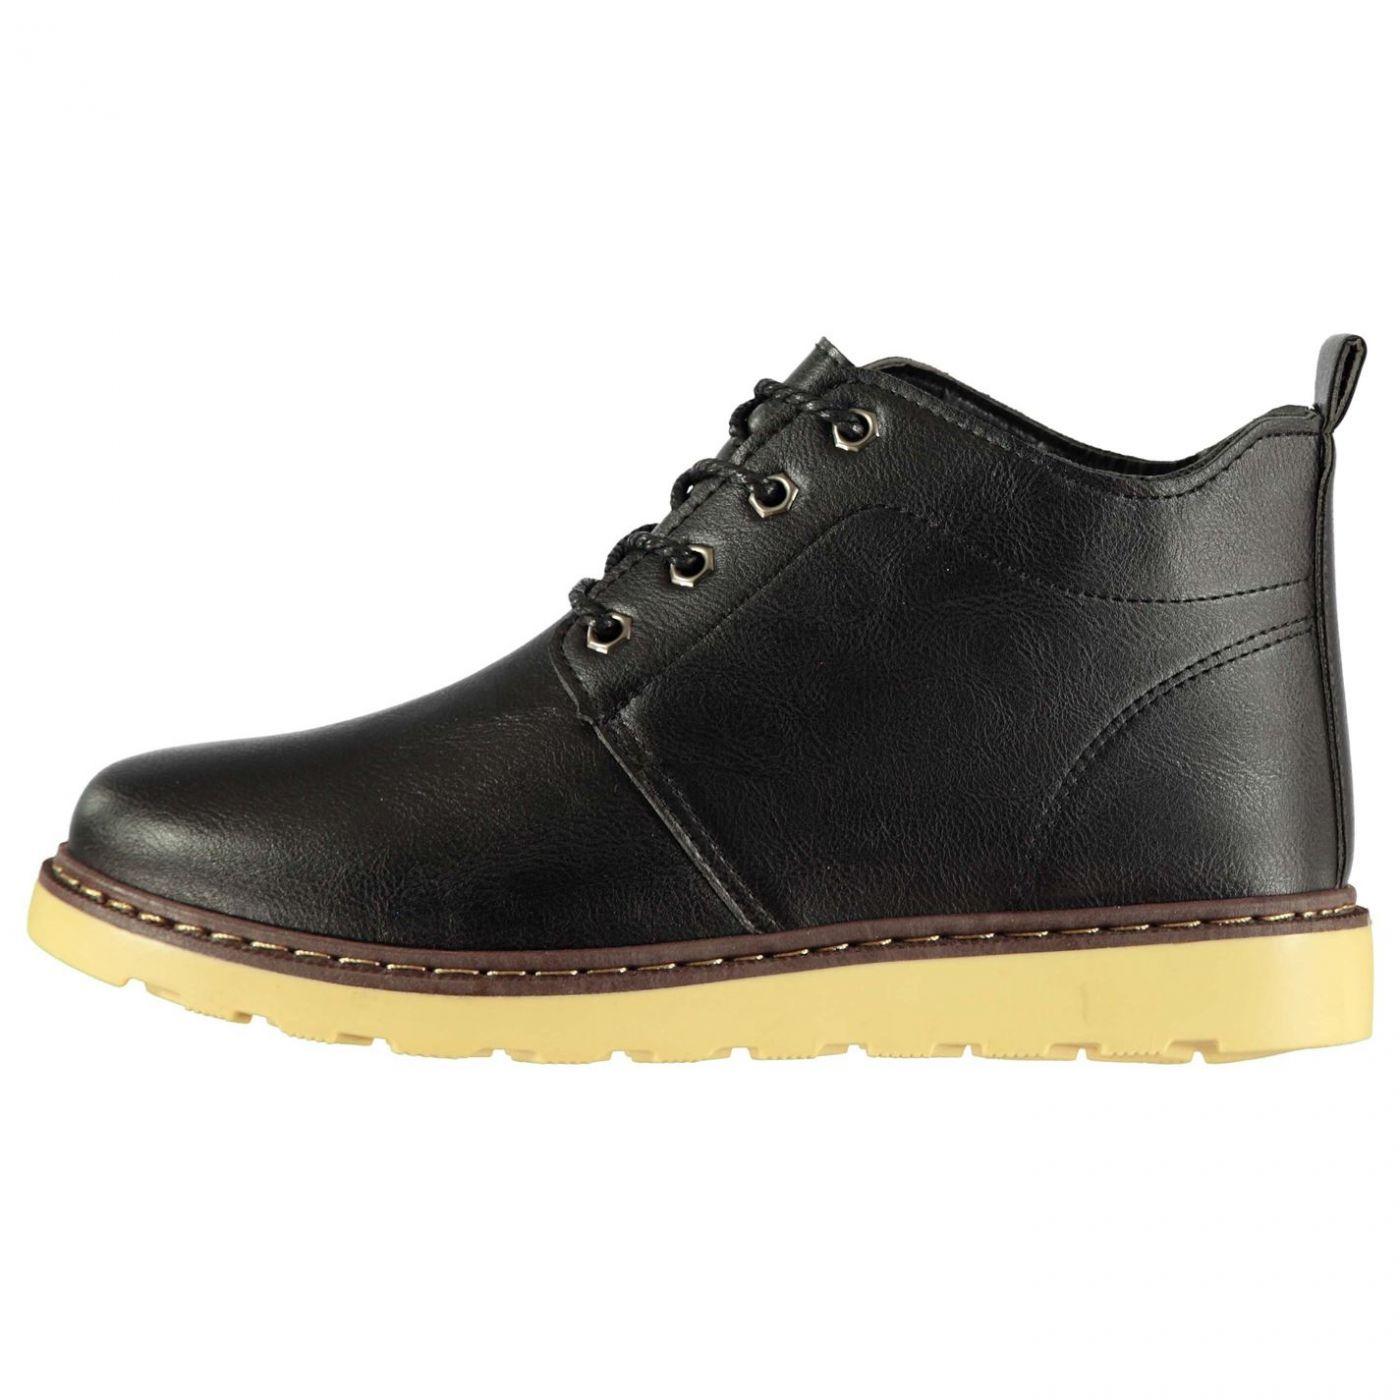 Lee Cooper Riv Boots Mens